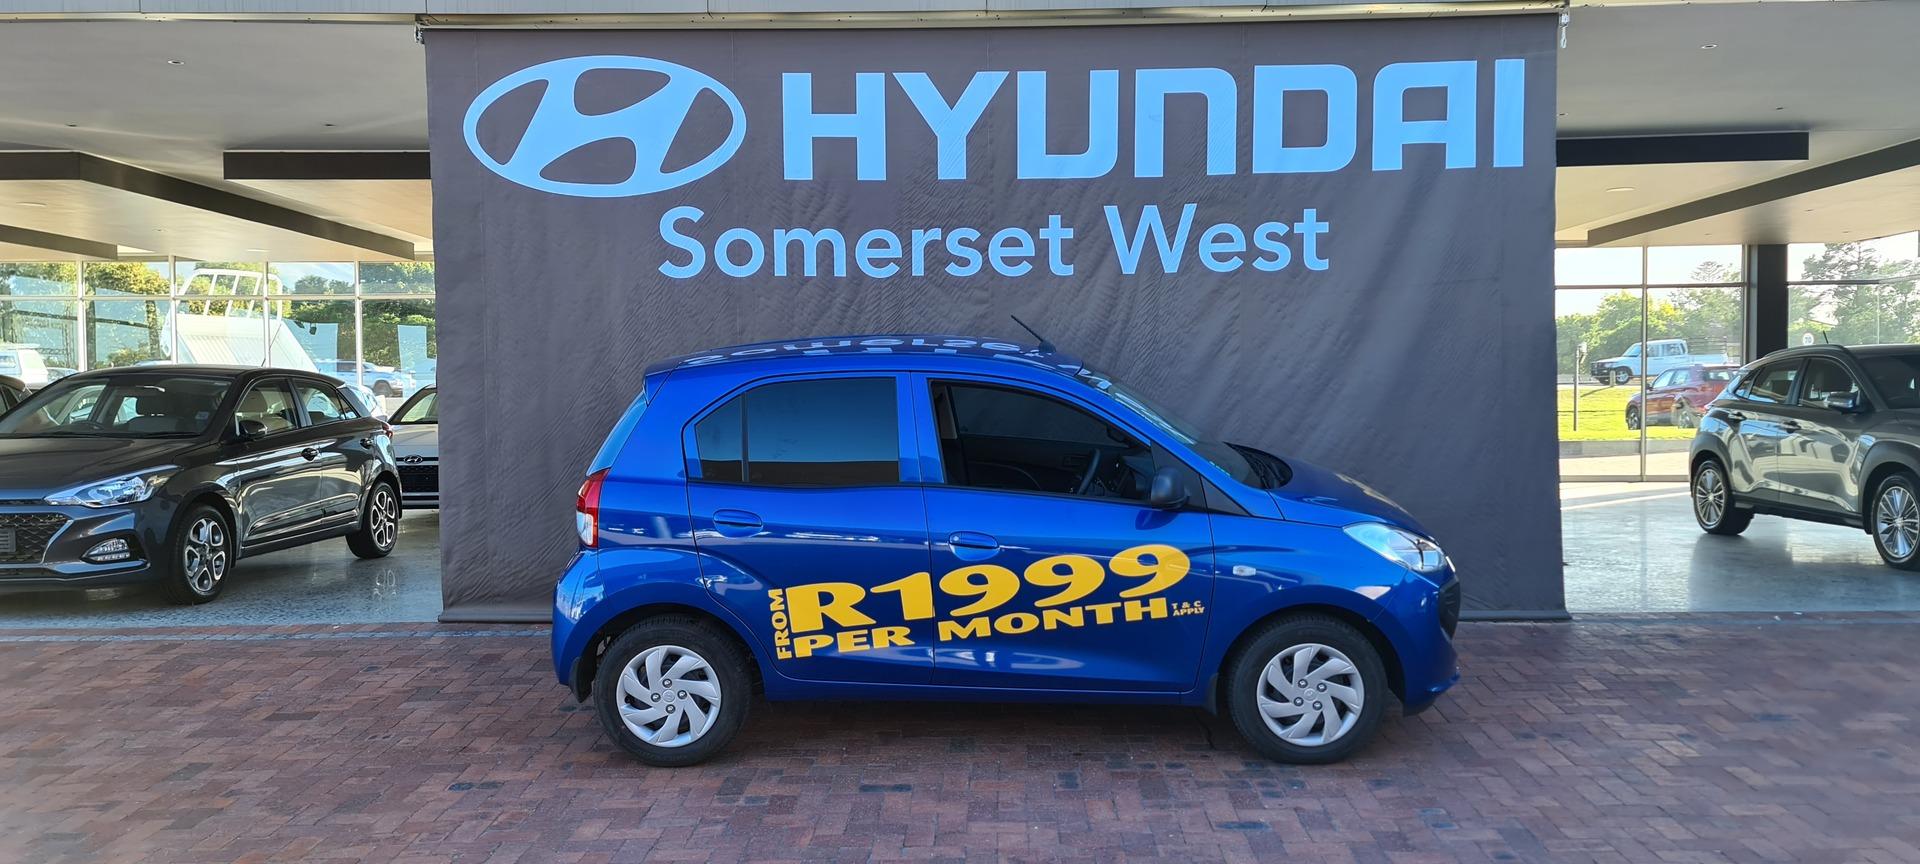 HYUNDAI 1.1 MOTION Cape Town 1324757